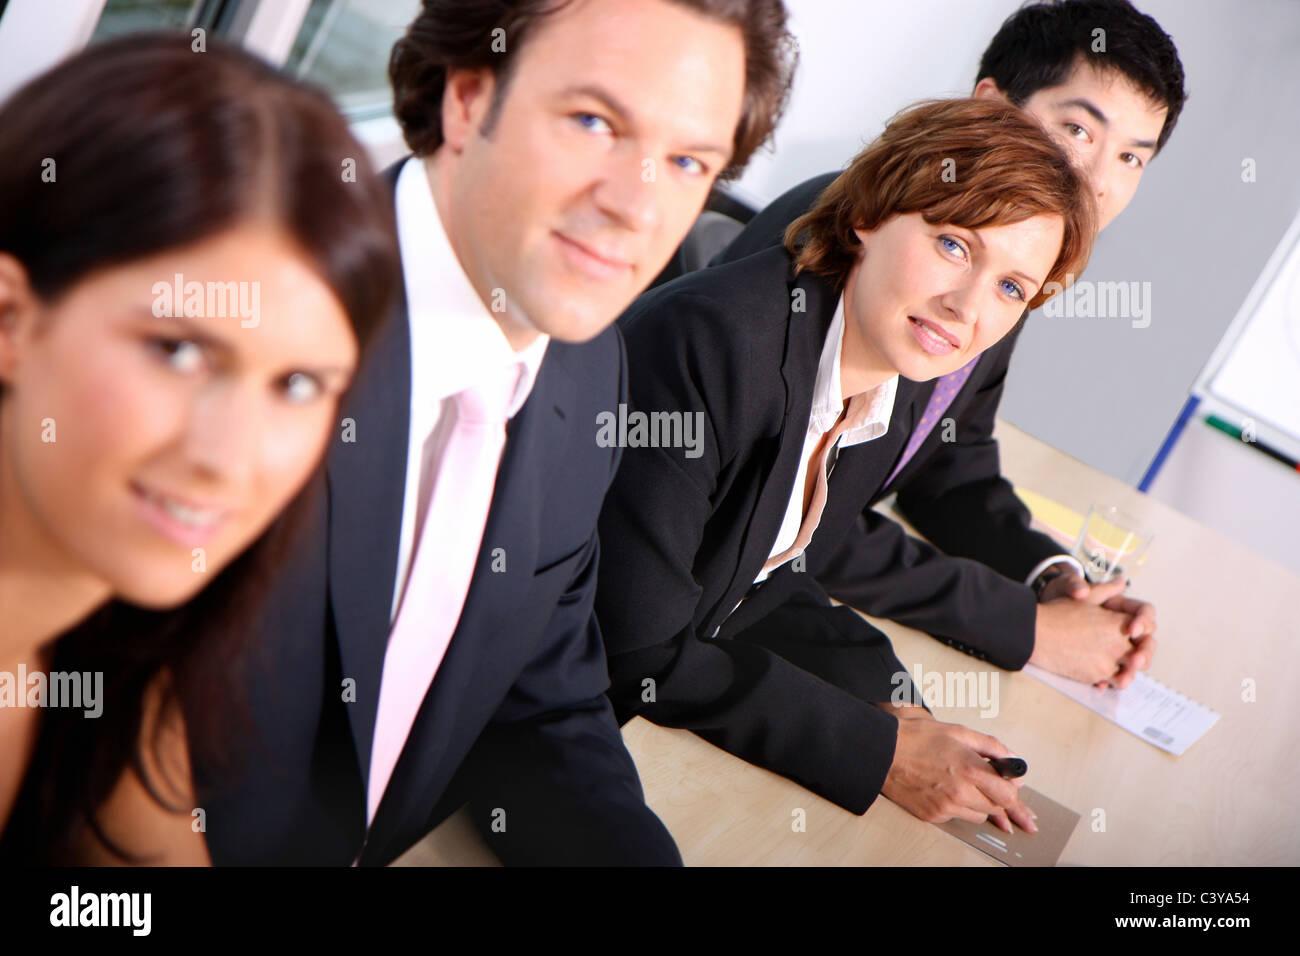 Trabajo, Trabajo, oficina, equipo, grupo, pueblo, presentación, apelación, conferencia, sala de conferencias, Imagen De Stock